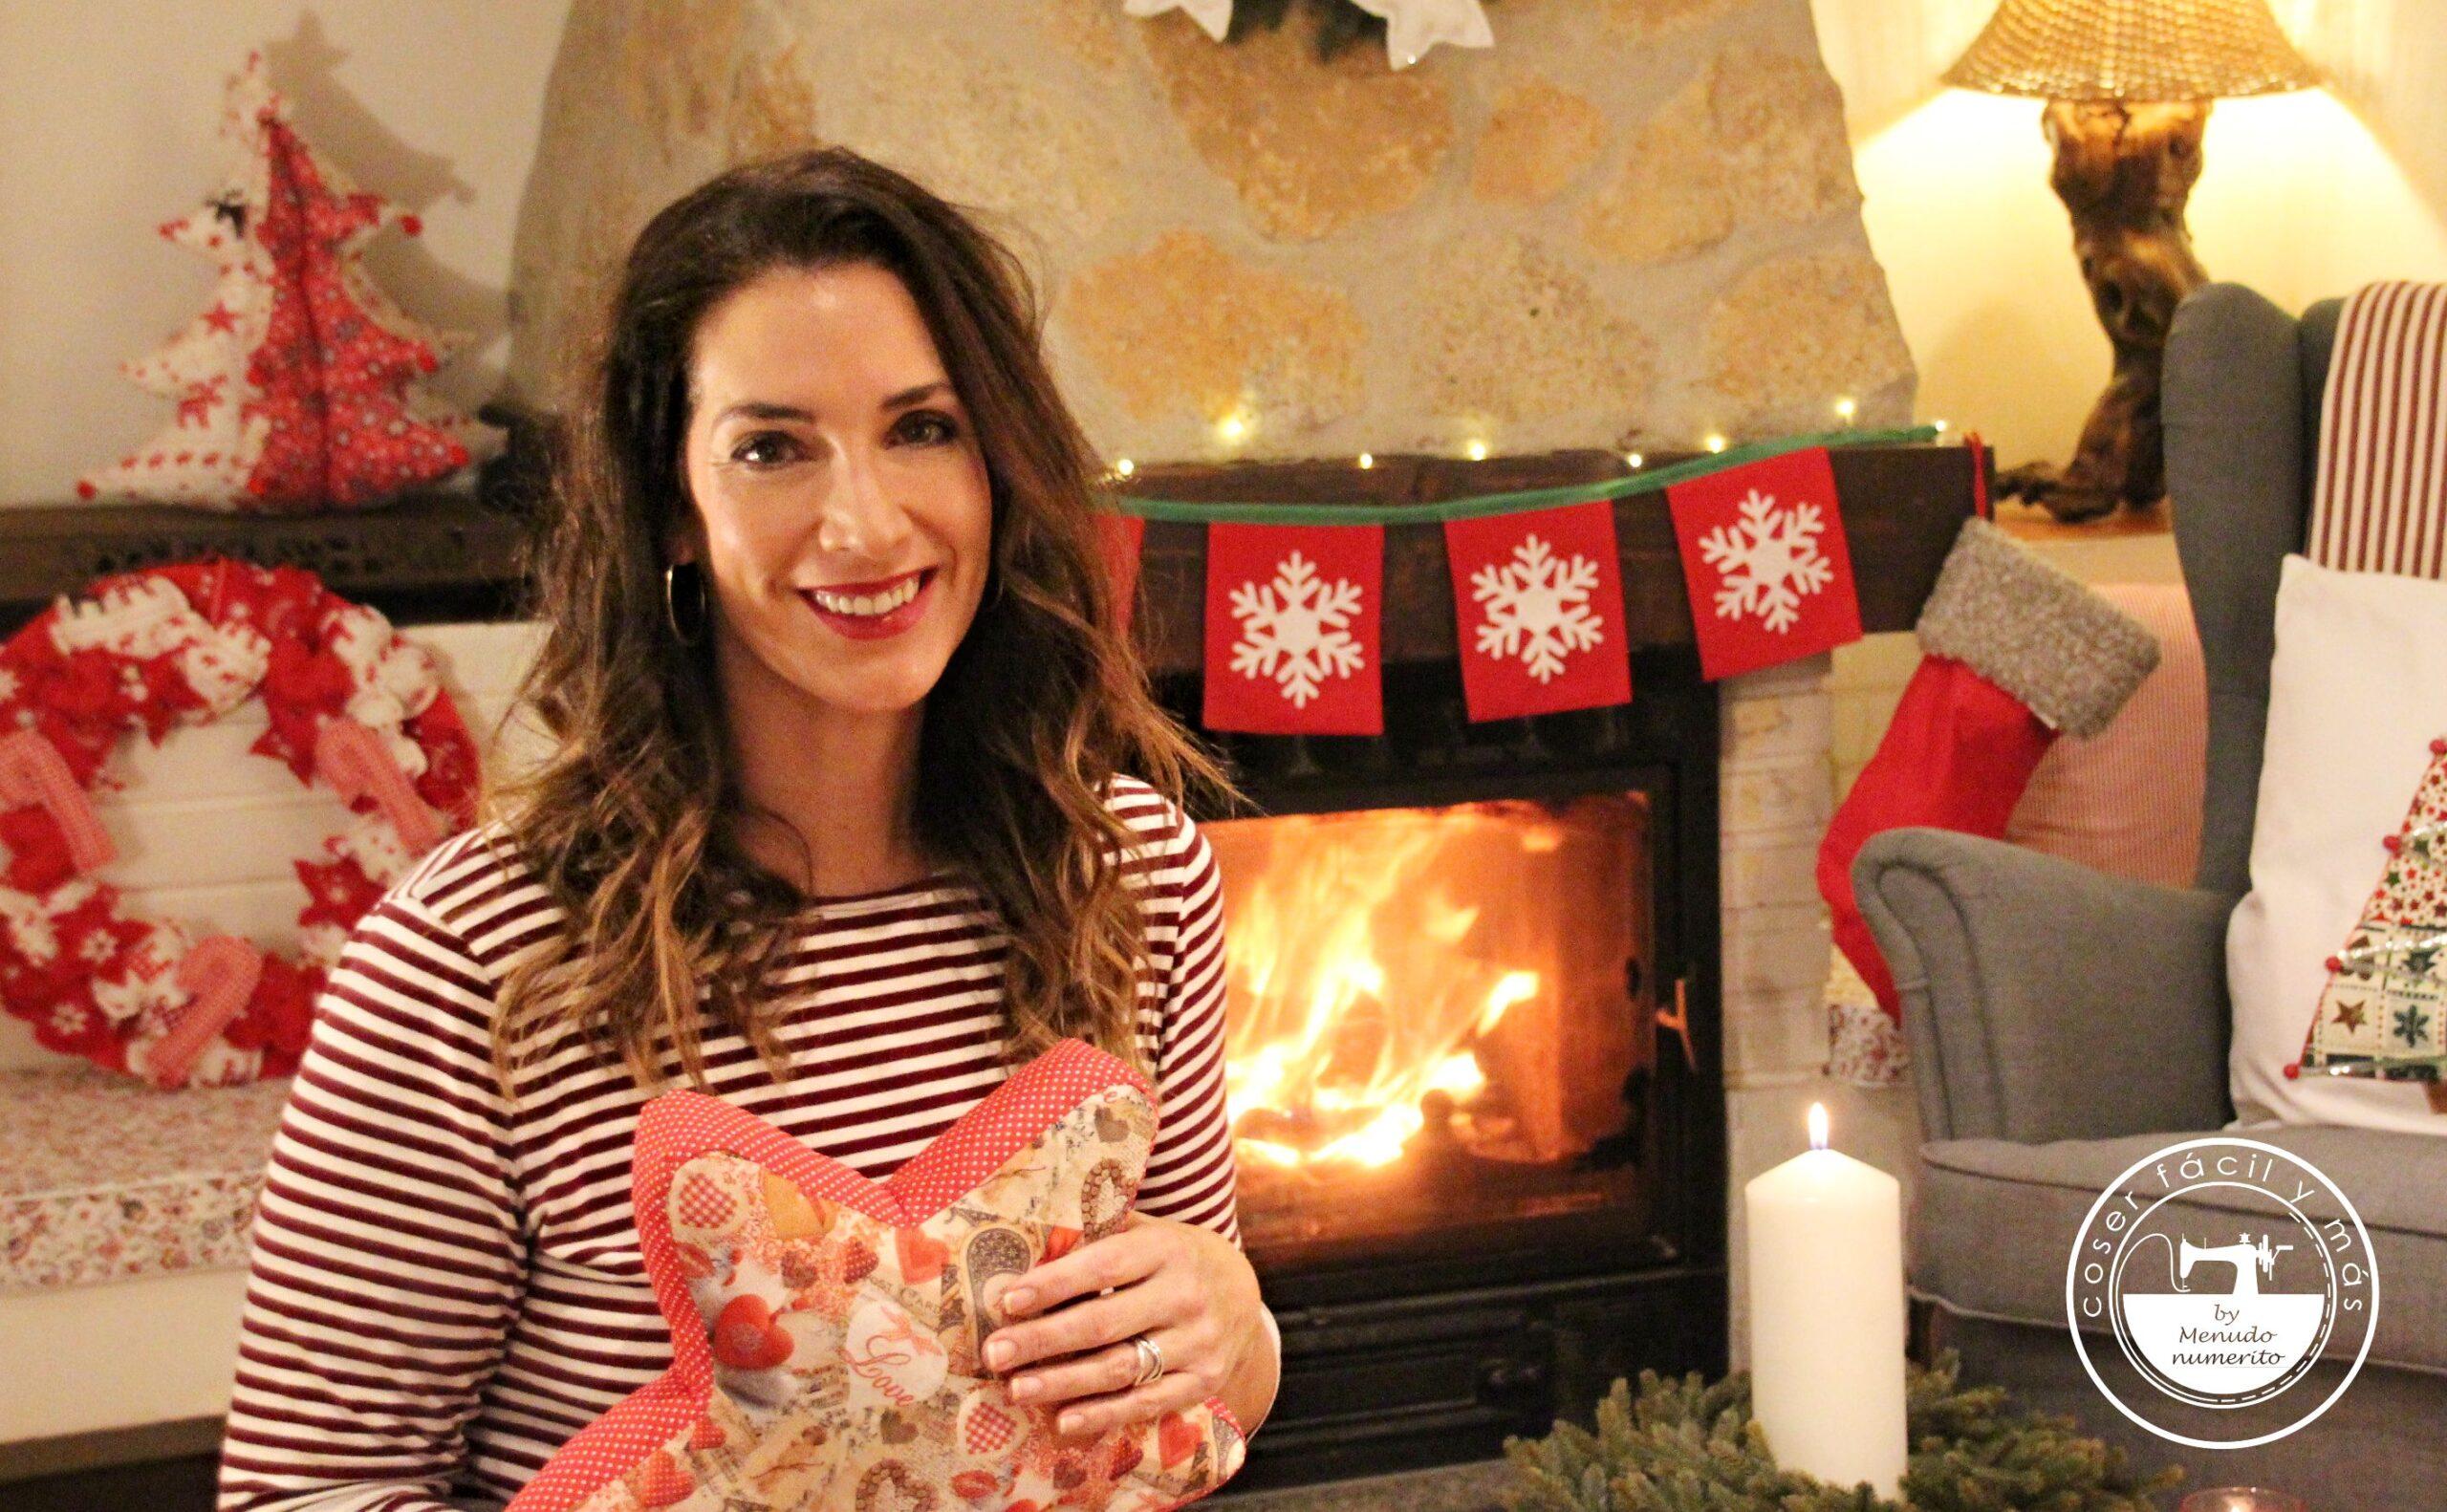 feliz navidad menudo numerito blogs de costura